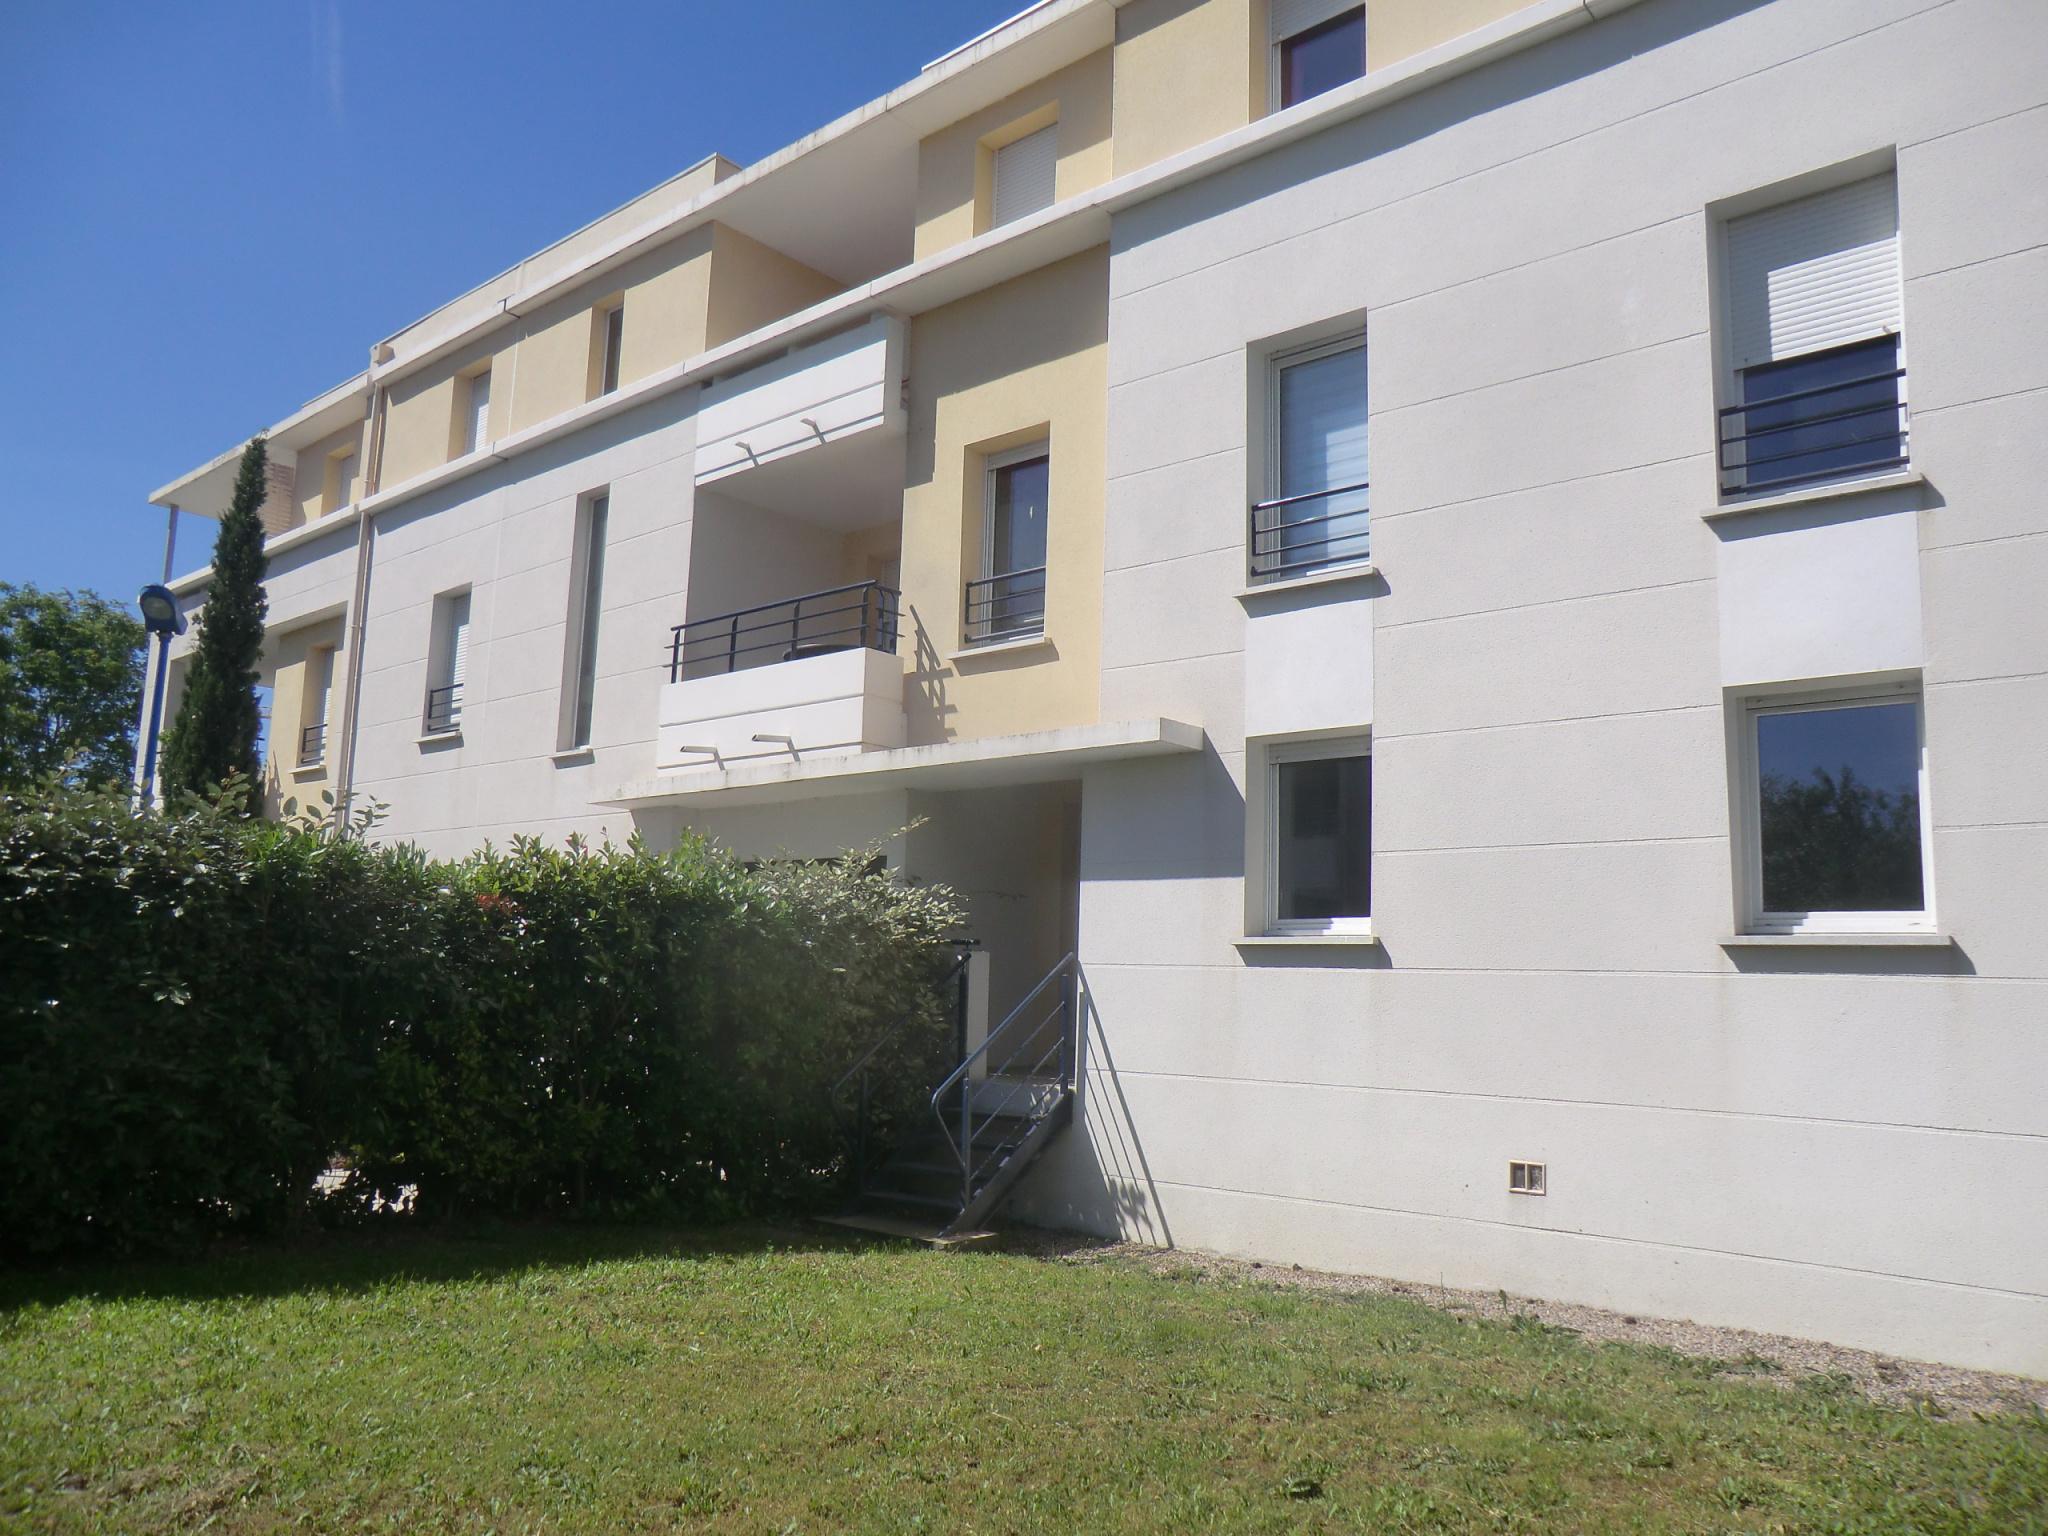 À vendre appartement de 44m2 à argeles sur mer (66700) - Photo 8'